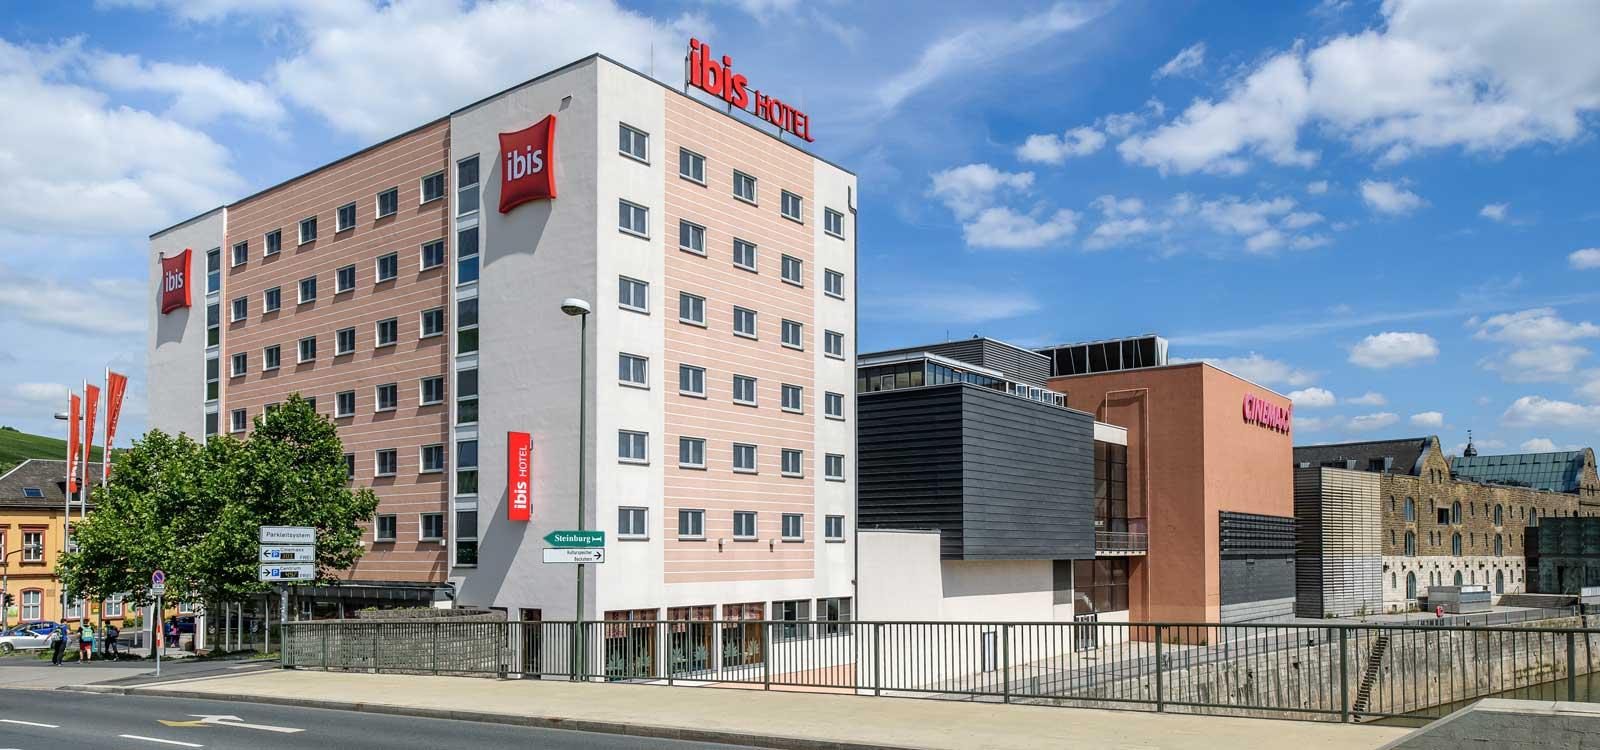 Ibis Hotel W Rzburg City Event Hotels Intl